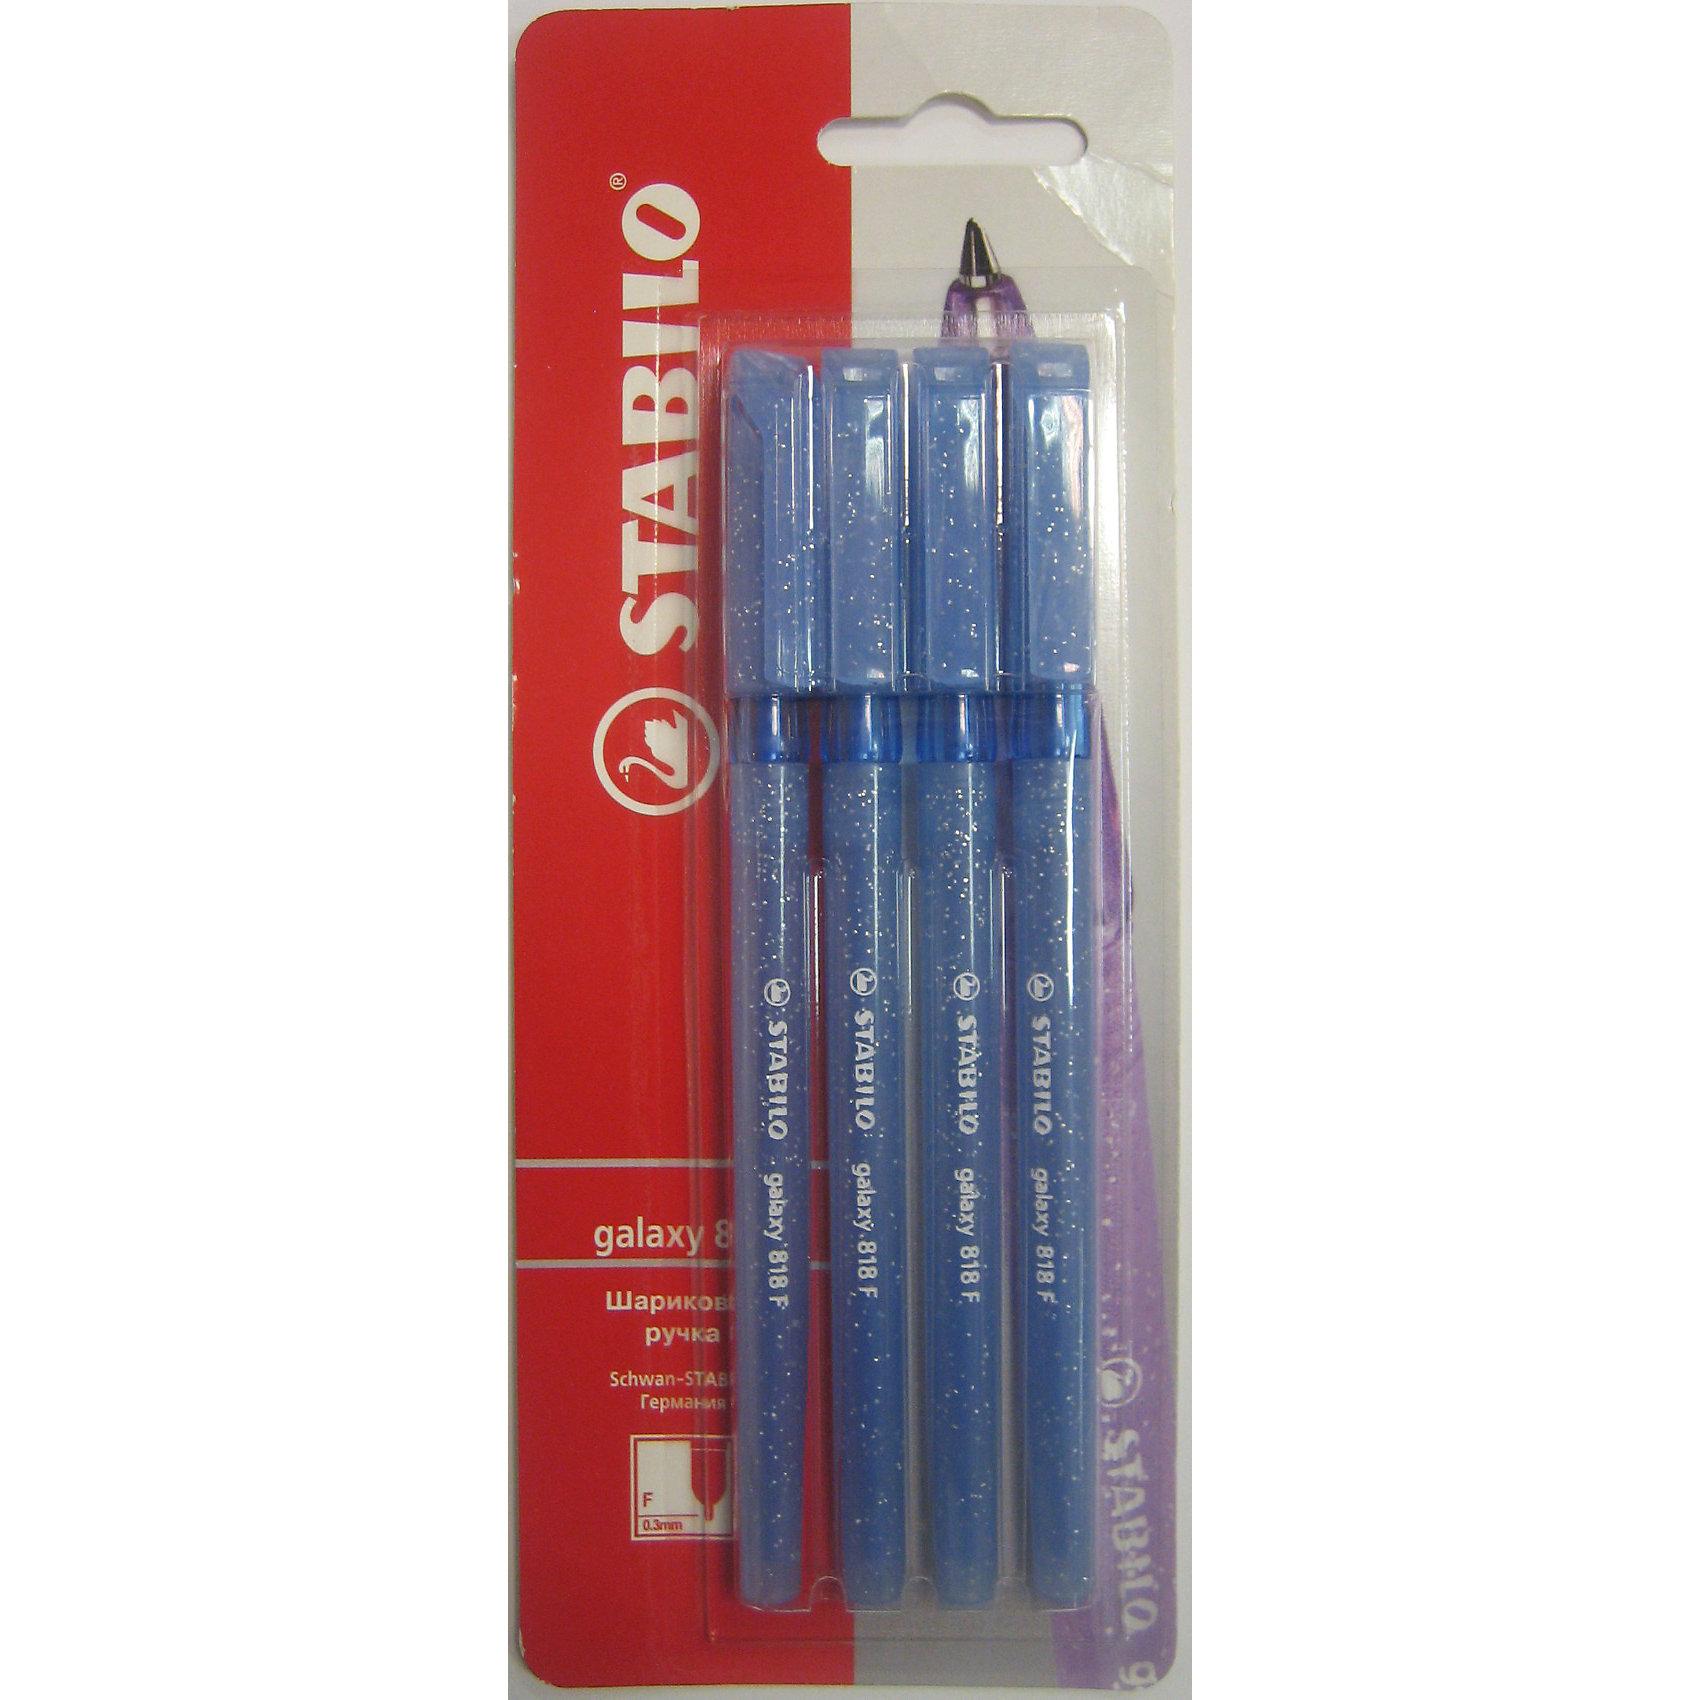 STABILO Liner Ручка 818/41, синяя, 4штПисьменные принадлежности<br>Stabilo Liner ручка шариковая синяя в блистере 4 шт. Удобная и практичная ручка, отличающаяся надежностью и длительностью письма. Специальная технология фиксирования пишущего шарика защищает от утечки чернил, обеспечивает тонкую аккуратную линию и мягкое скольжение. Увеличенный запас чернил значительно продлевает линию письма.  Эргономичная зона обхвата снижает усталость при письме.<br><br>Ширина мм: 295<br>Глубина мм: 245<br>Высота мм: 160<br>Вес г: 40<br>Возраст от месяцев: 72<br>Возраст до месяцев: 216<br>Пол: Унисекс<br>Возраст: Детский<br>SKU: 3157360